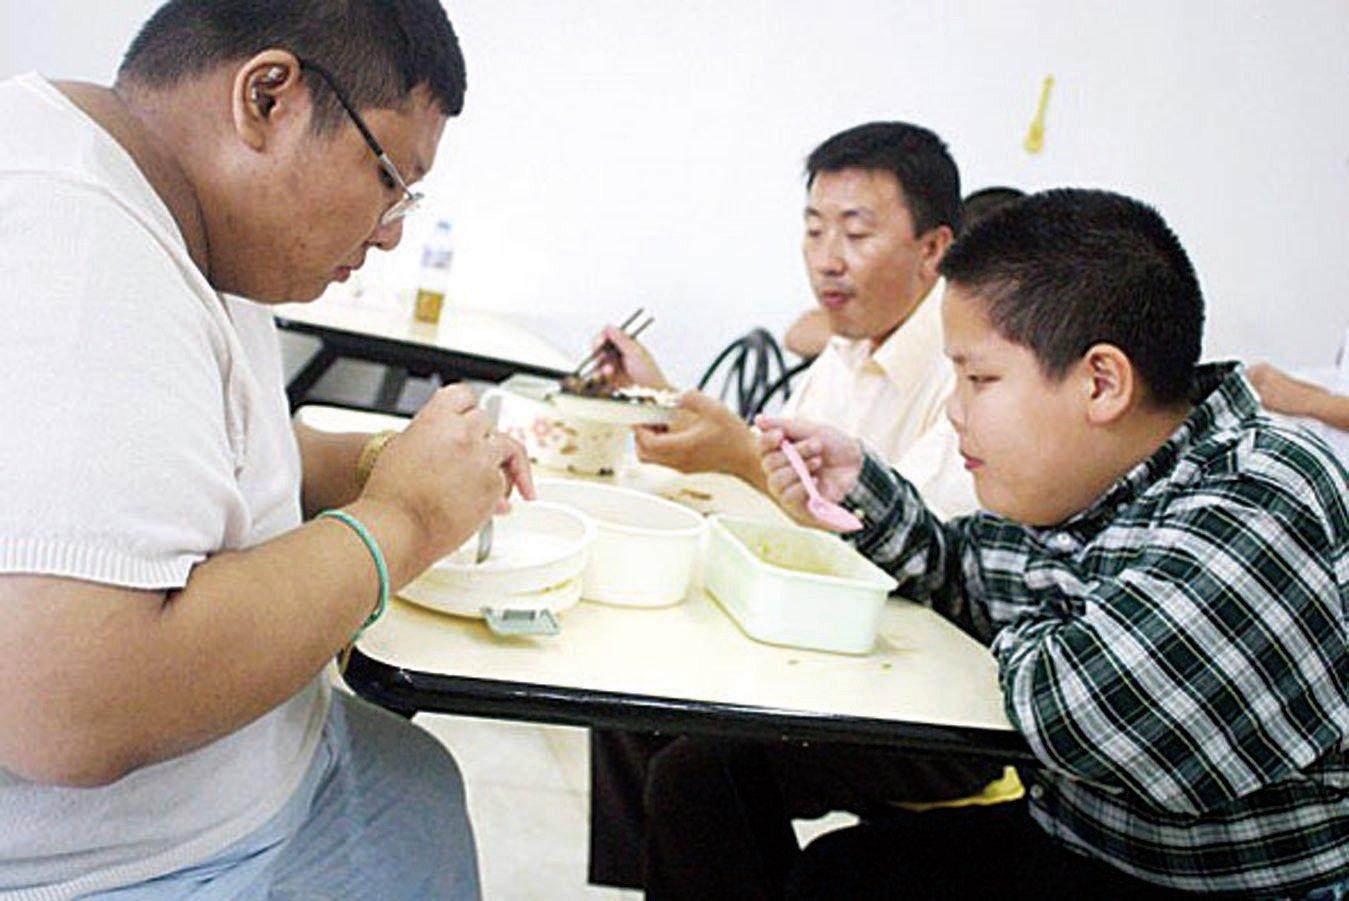 研究顯示飲食是導致肥胖的主要原因。(Getty Images)